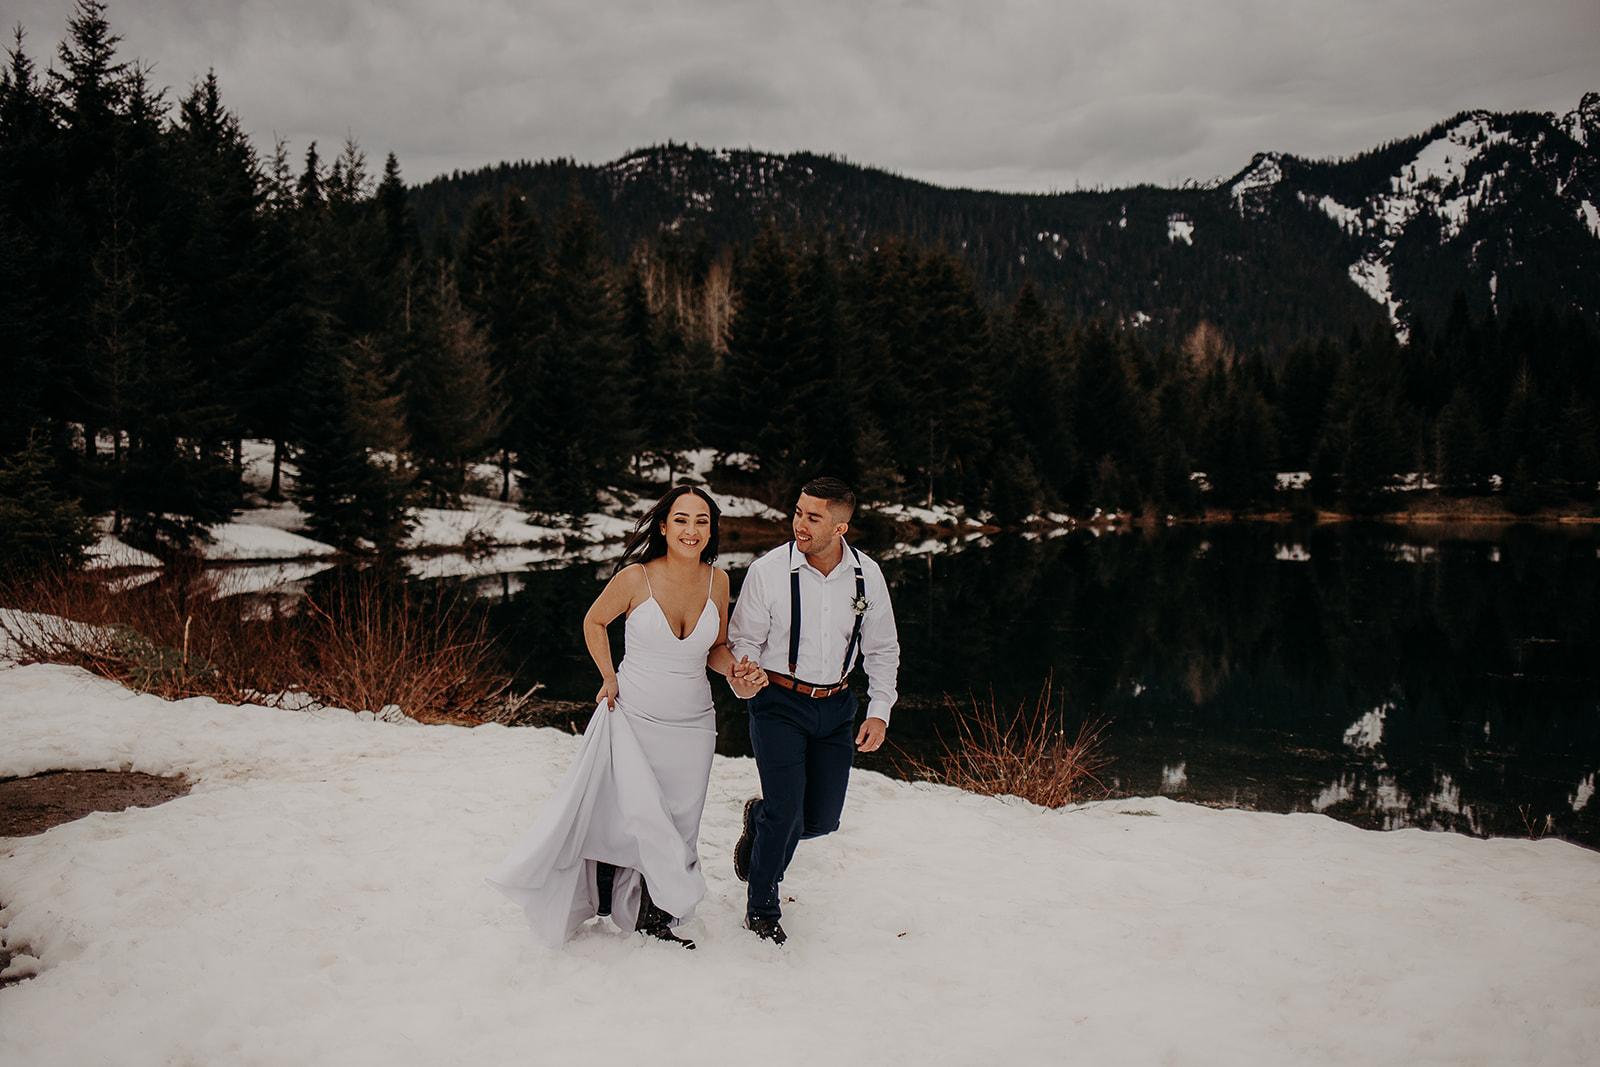 winter-mountain-elopement-asheville-wedding-photographer-megan-gallagher-photographer (37).jpg